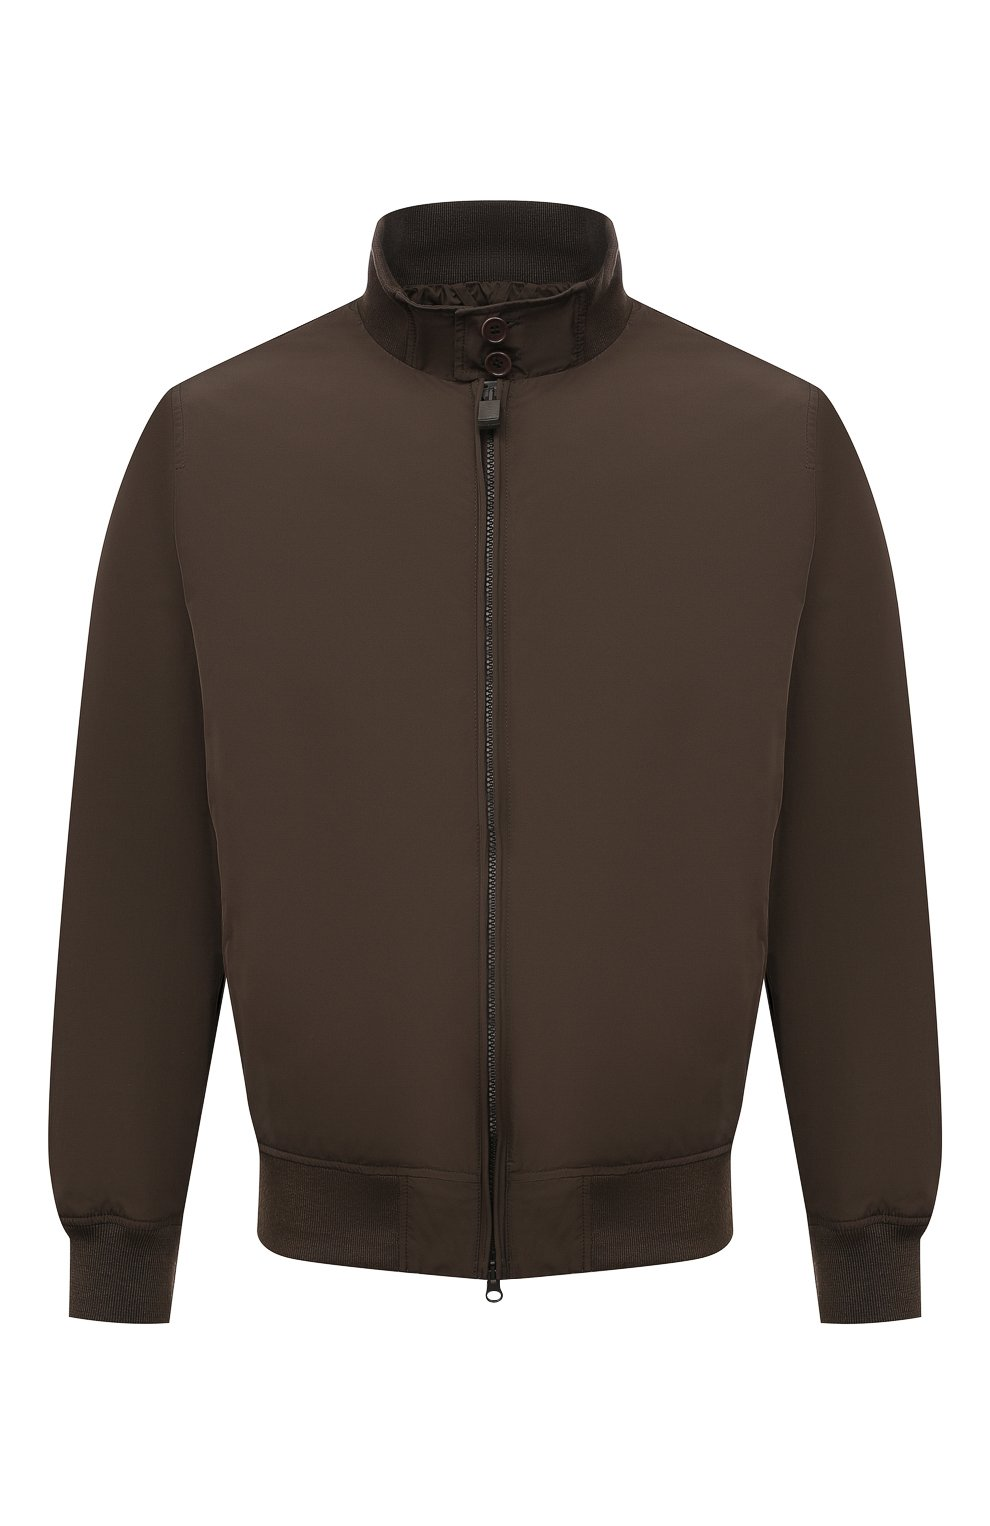 Мужской бомбер ASPESI хаки цвета, арт. S1 I I918 G703 | Фото 1 (Кросс-КТ: Куртка; Рукава: Длинные; Принт: Без принта; Материал внешний: Синтетический материал; Материал подклада: Синтетический материал; Длина (верхняя одежда): Короткие; Стили: Кэжуэл)